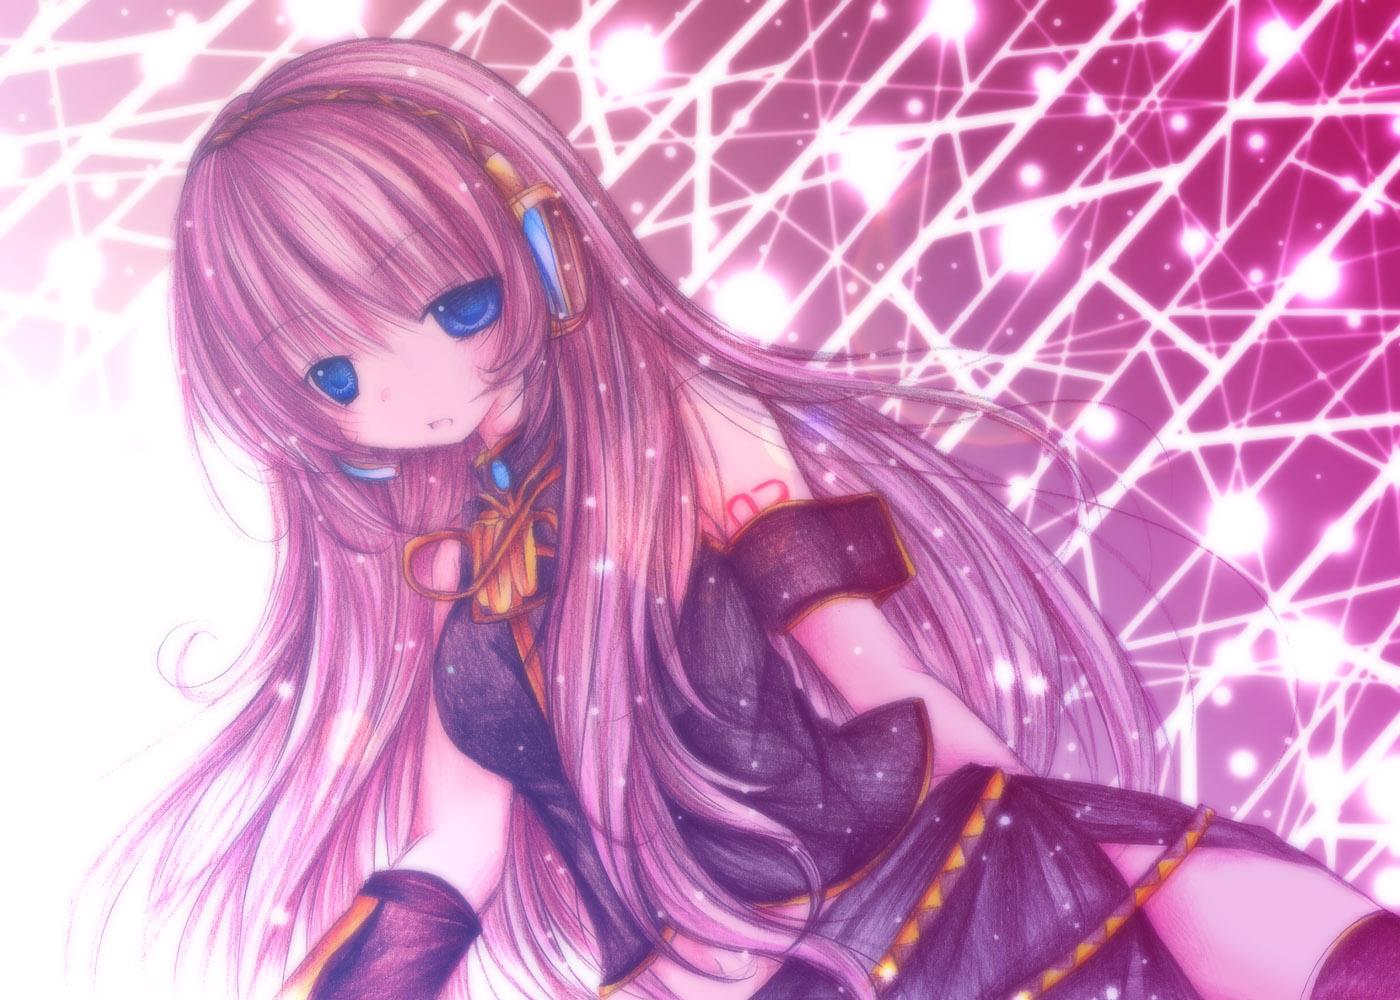 Mientras no cantan [Vocaloid][este fan fic tiene contenido shonen ai si no les gusta no lo lean] Konachan-com-52064-megurine_luka-vocaloid